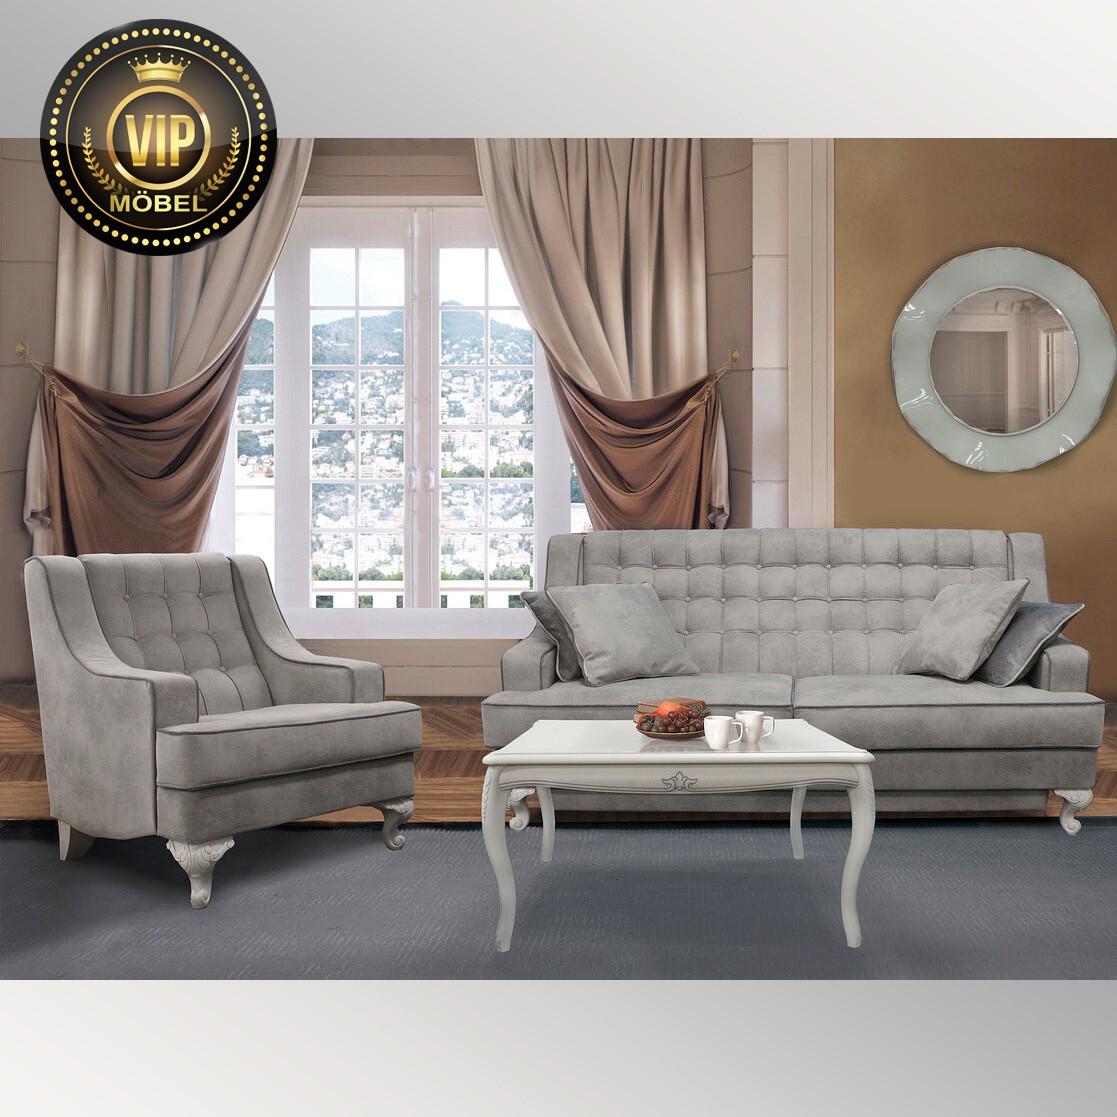 Full Size of Couch Ausklappbar Couchgarnitur Mit Schlaffunktion Mokko Ausklappbares Bett Wohnzimmer Couch Ausklappbar